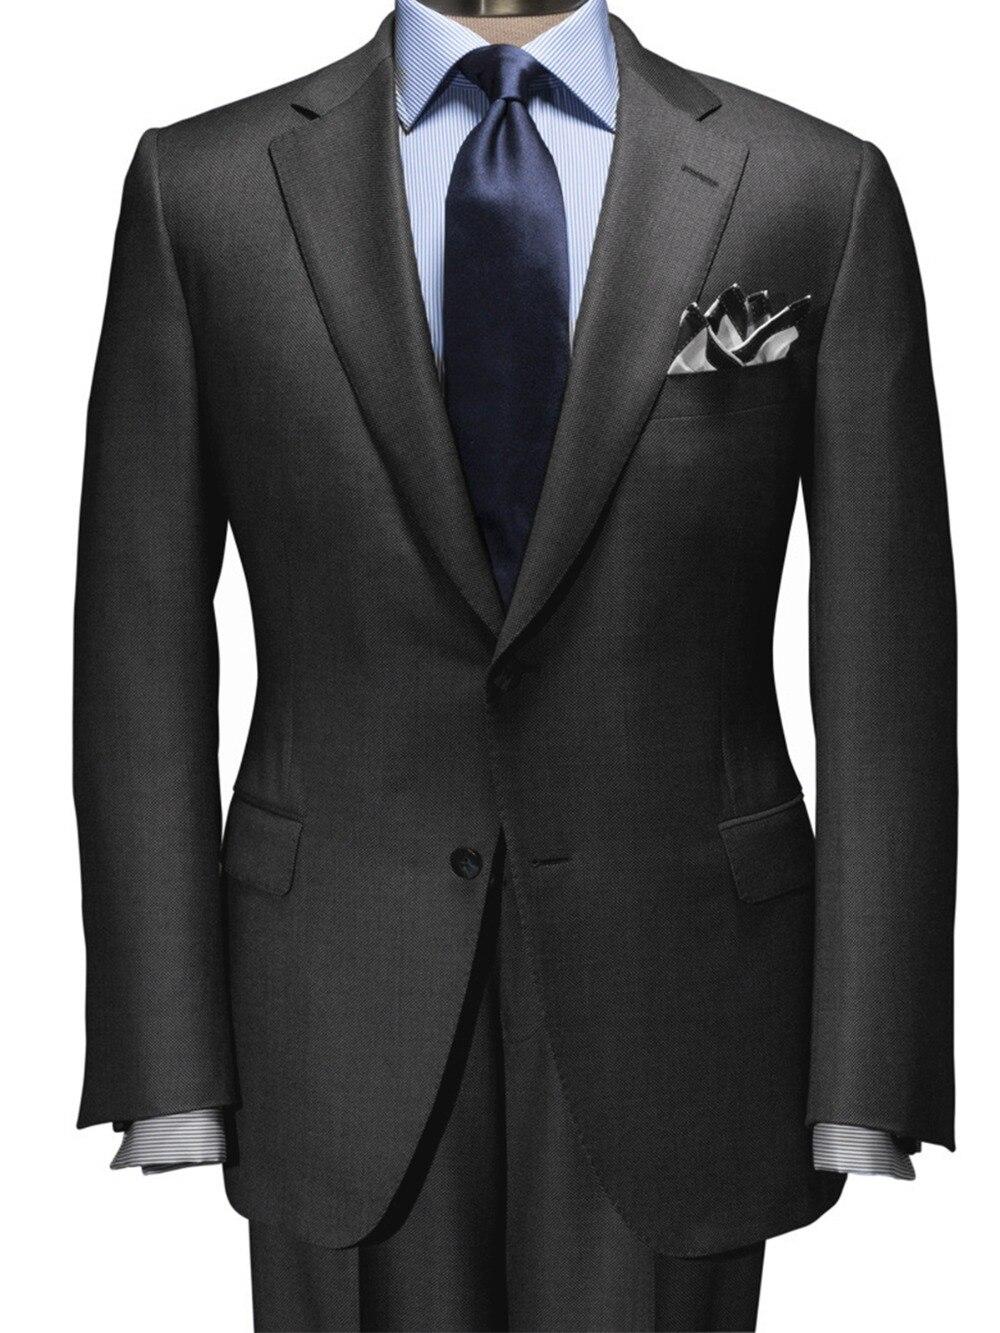 2019 Cinza Escuro Nailhead Terno É UM Moderno e Essencial Para O Ano-Vestir Custom Made Slim Fit Homens Ternos ternos de negócio Best Seller